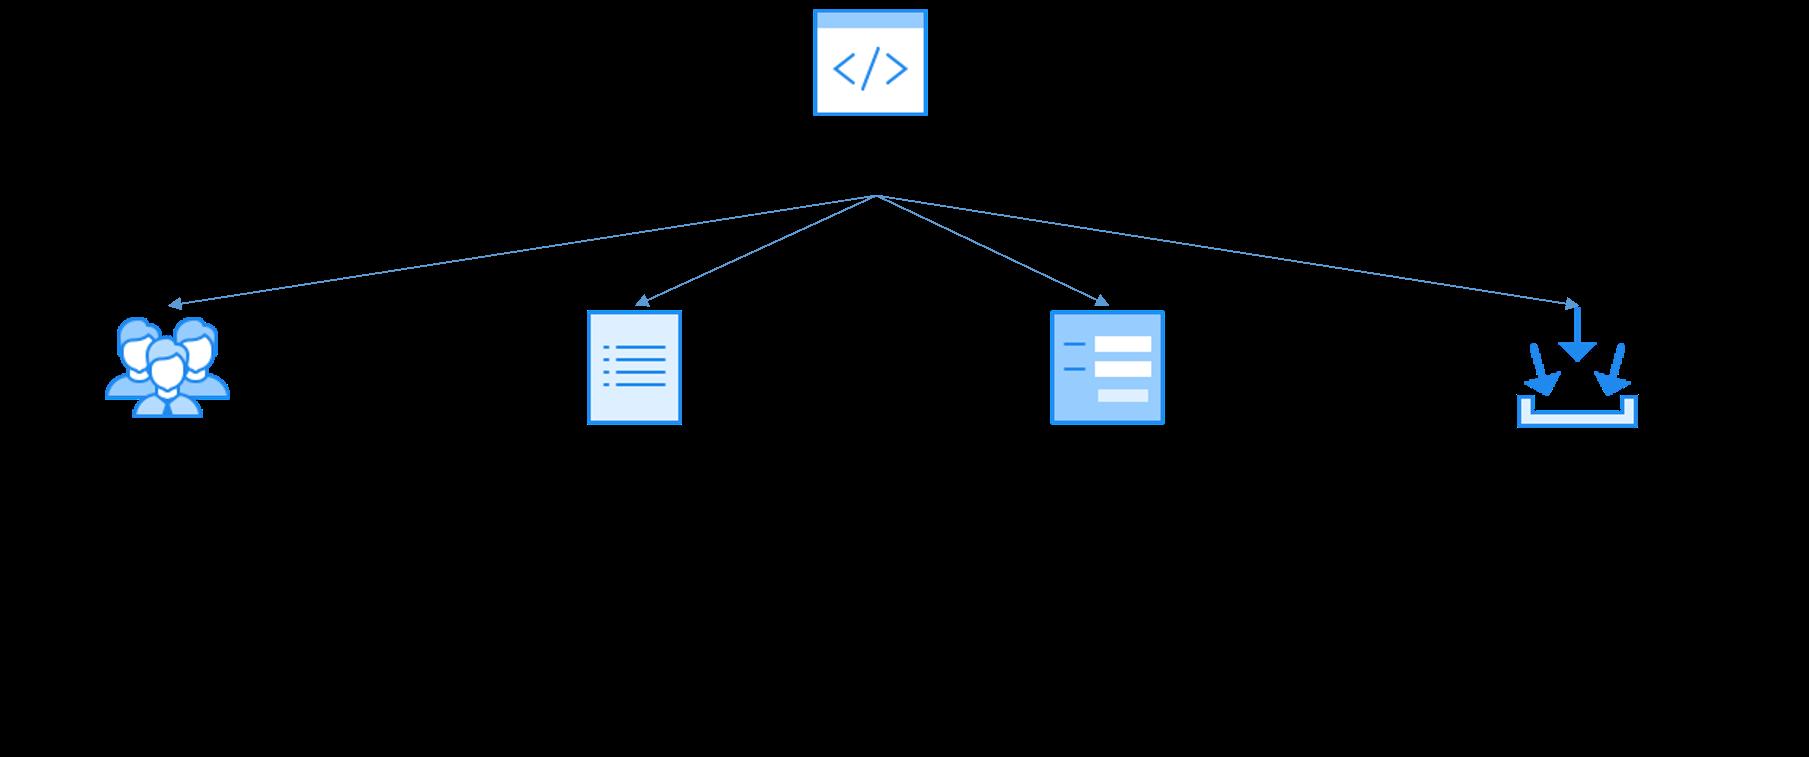 Общие для многих веб-приложений фичи